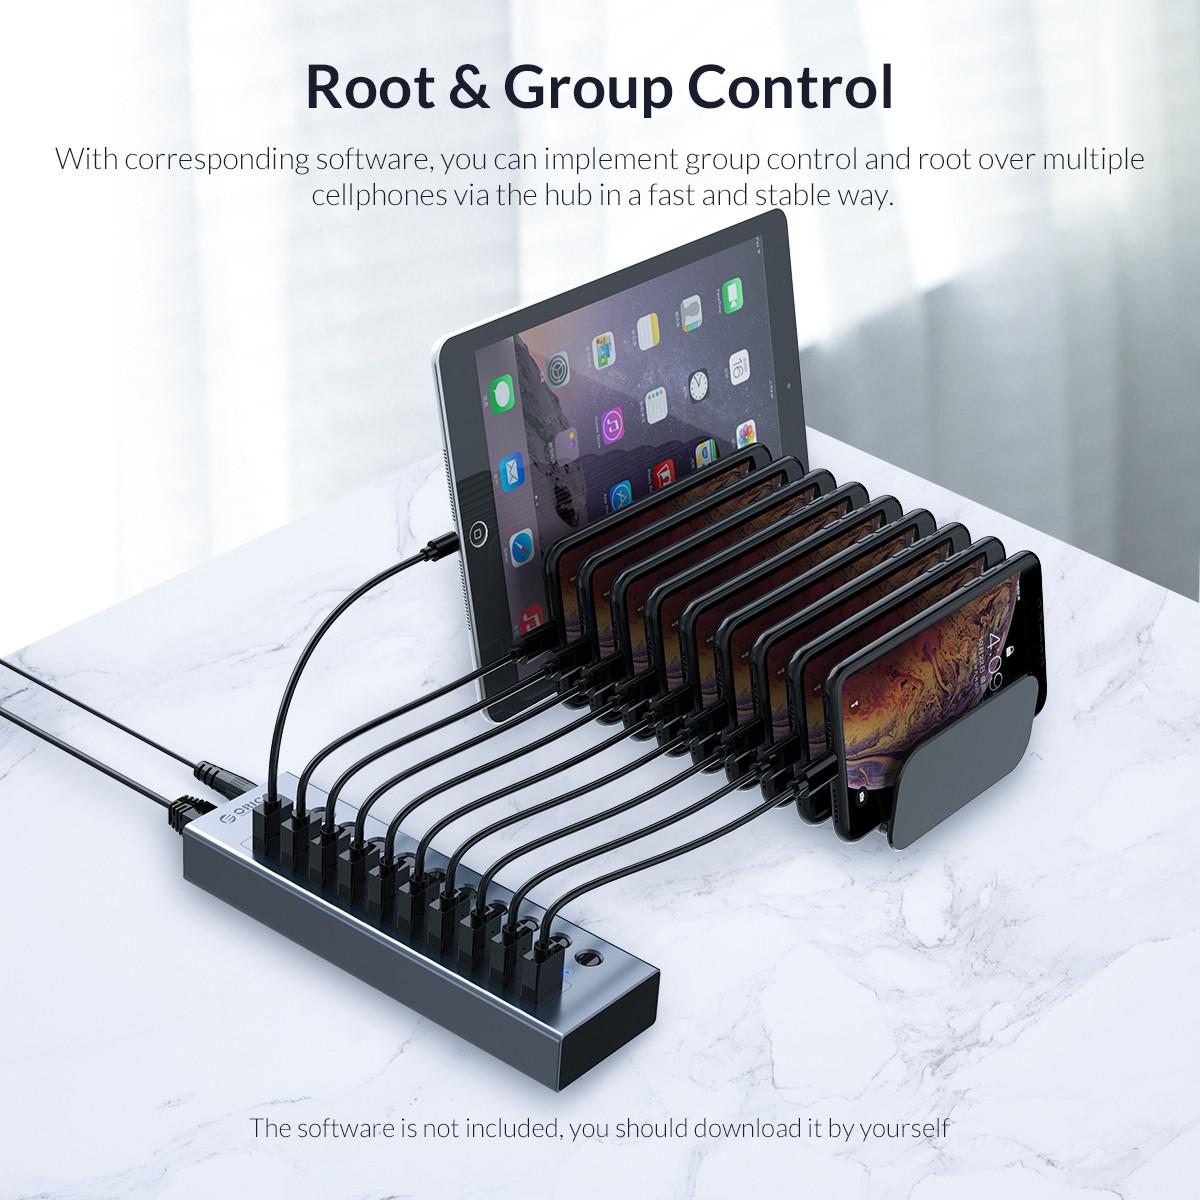 Bộ Chia USB HUB ORICO BT2U3-7AB-GY (Xám) 7 Cổng USB 3.0 Với Các Cổng Riêng Lẻ- Hàng Chính Hãng